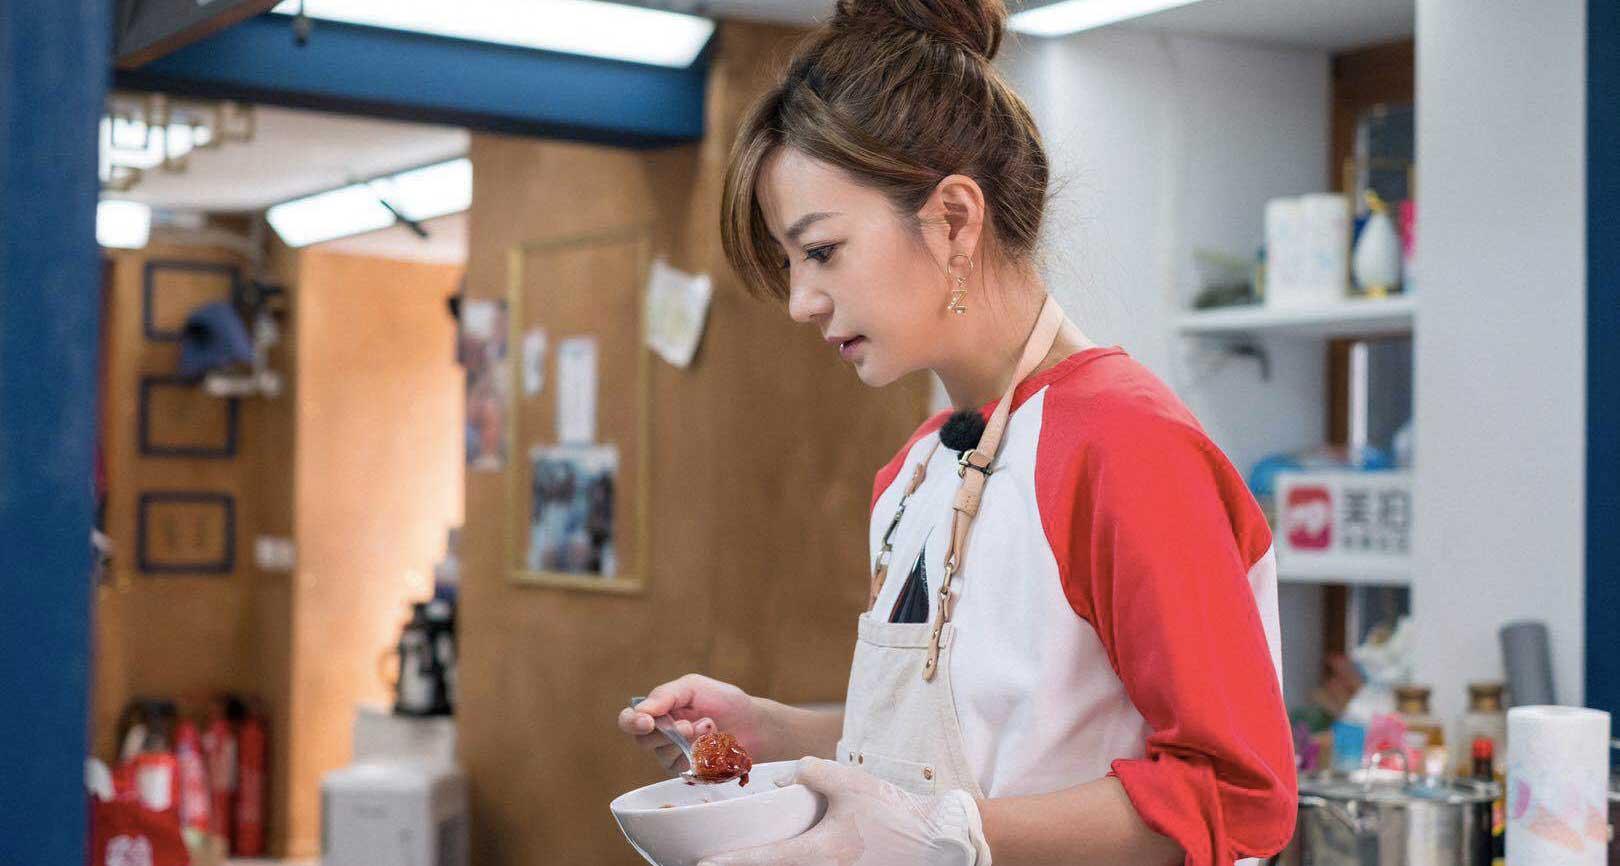 《中餐厅2》 赵薇白举纲研发新菜品遭遇滑铁卢